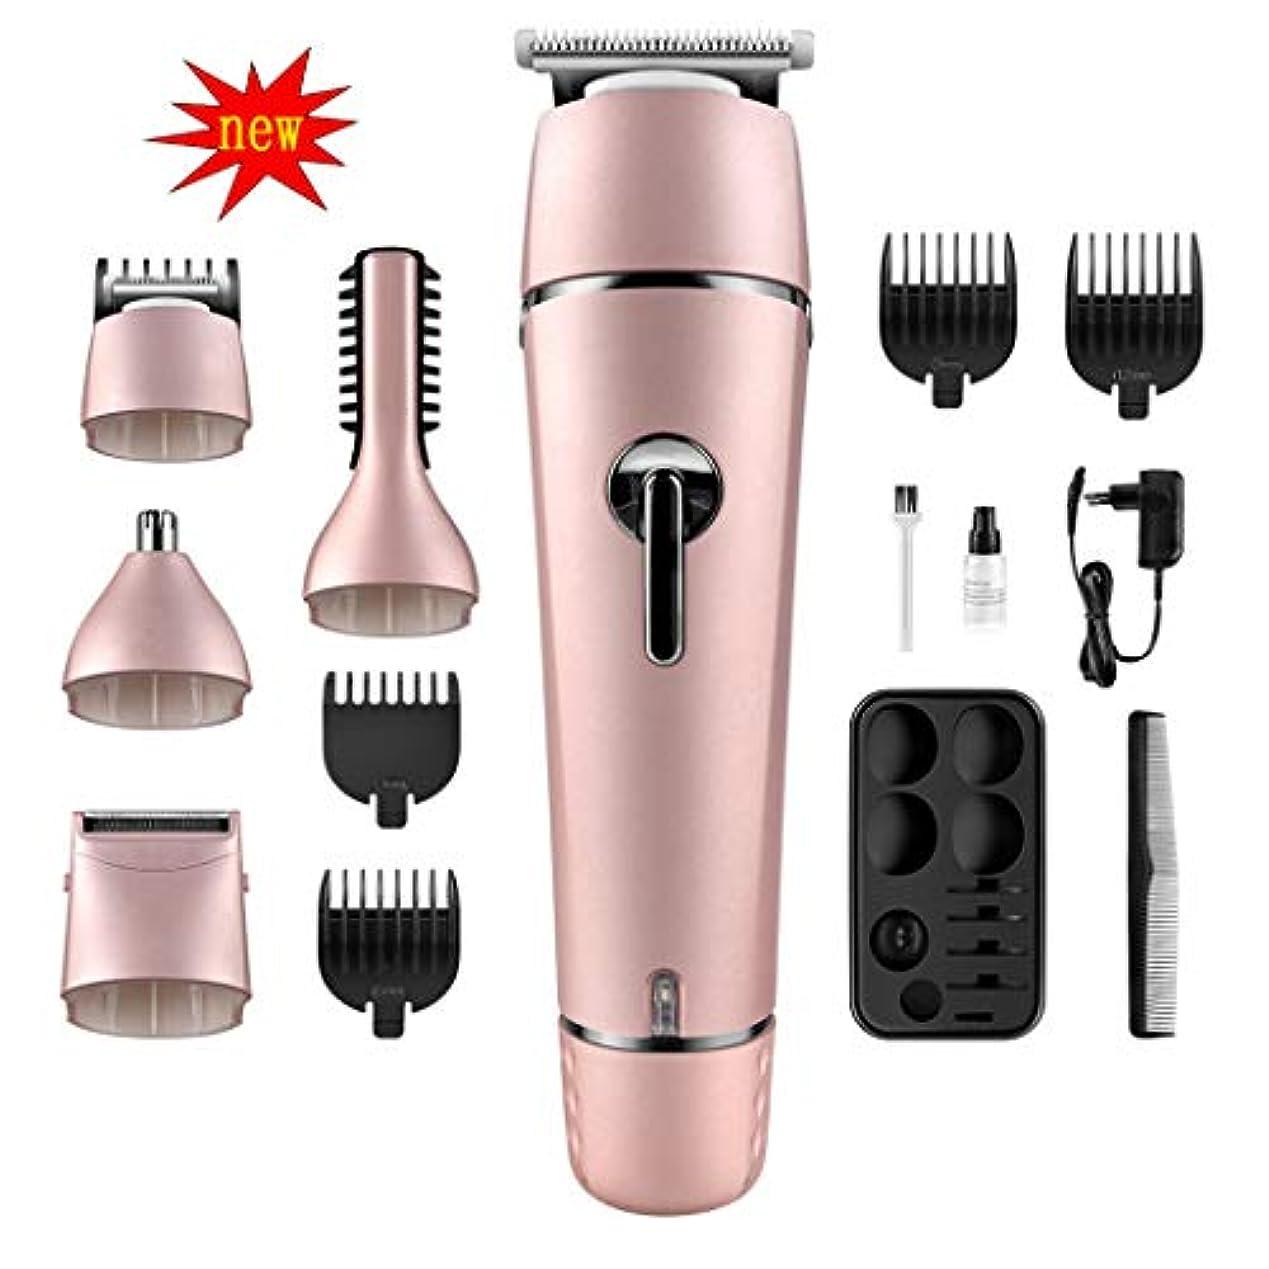 プロのバリカン、ヘアトリマー多機能電気5で1つの散髪家族セットトリマーと鼻毛-Pink